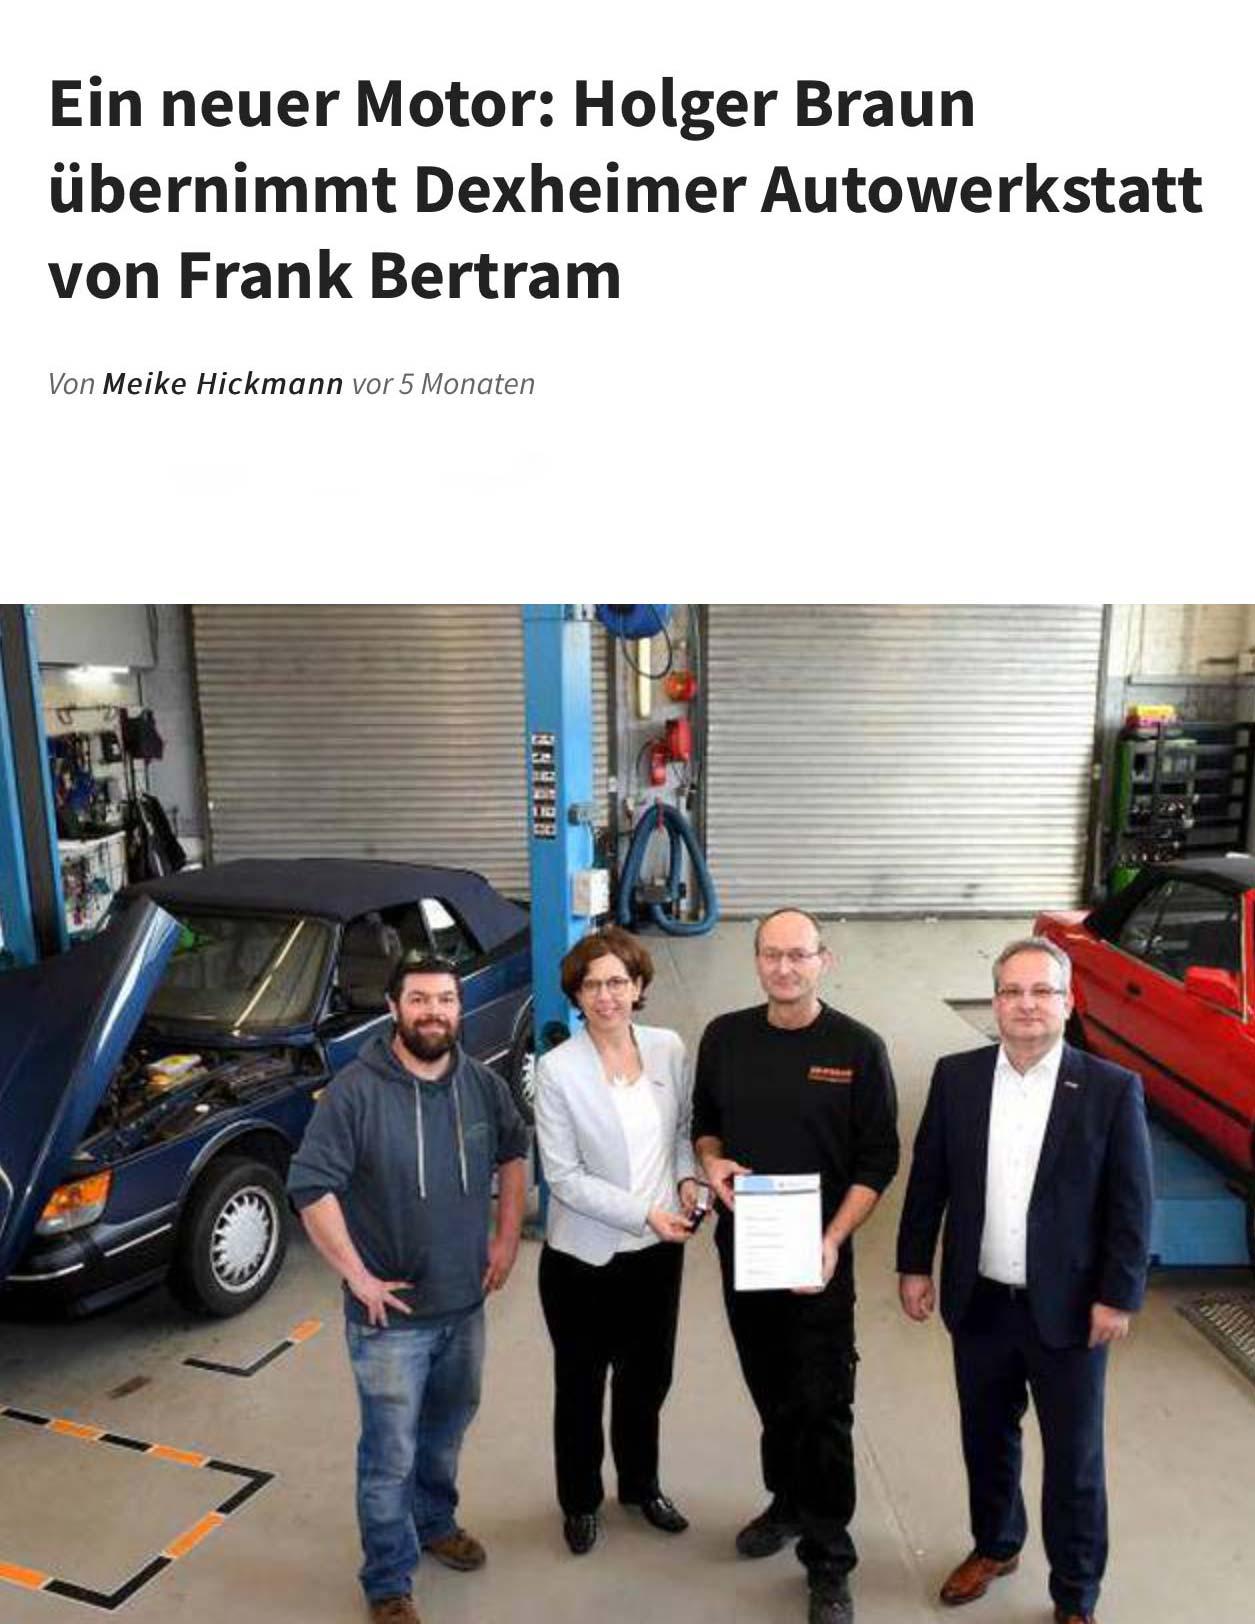 AutoimGlueck-Medien-Autowerkstatt-Bericht-Holger-Braun-Artikel